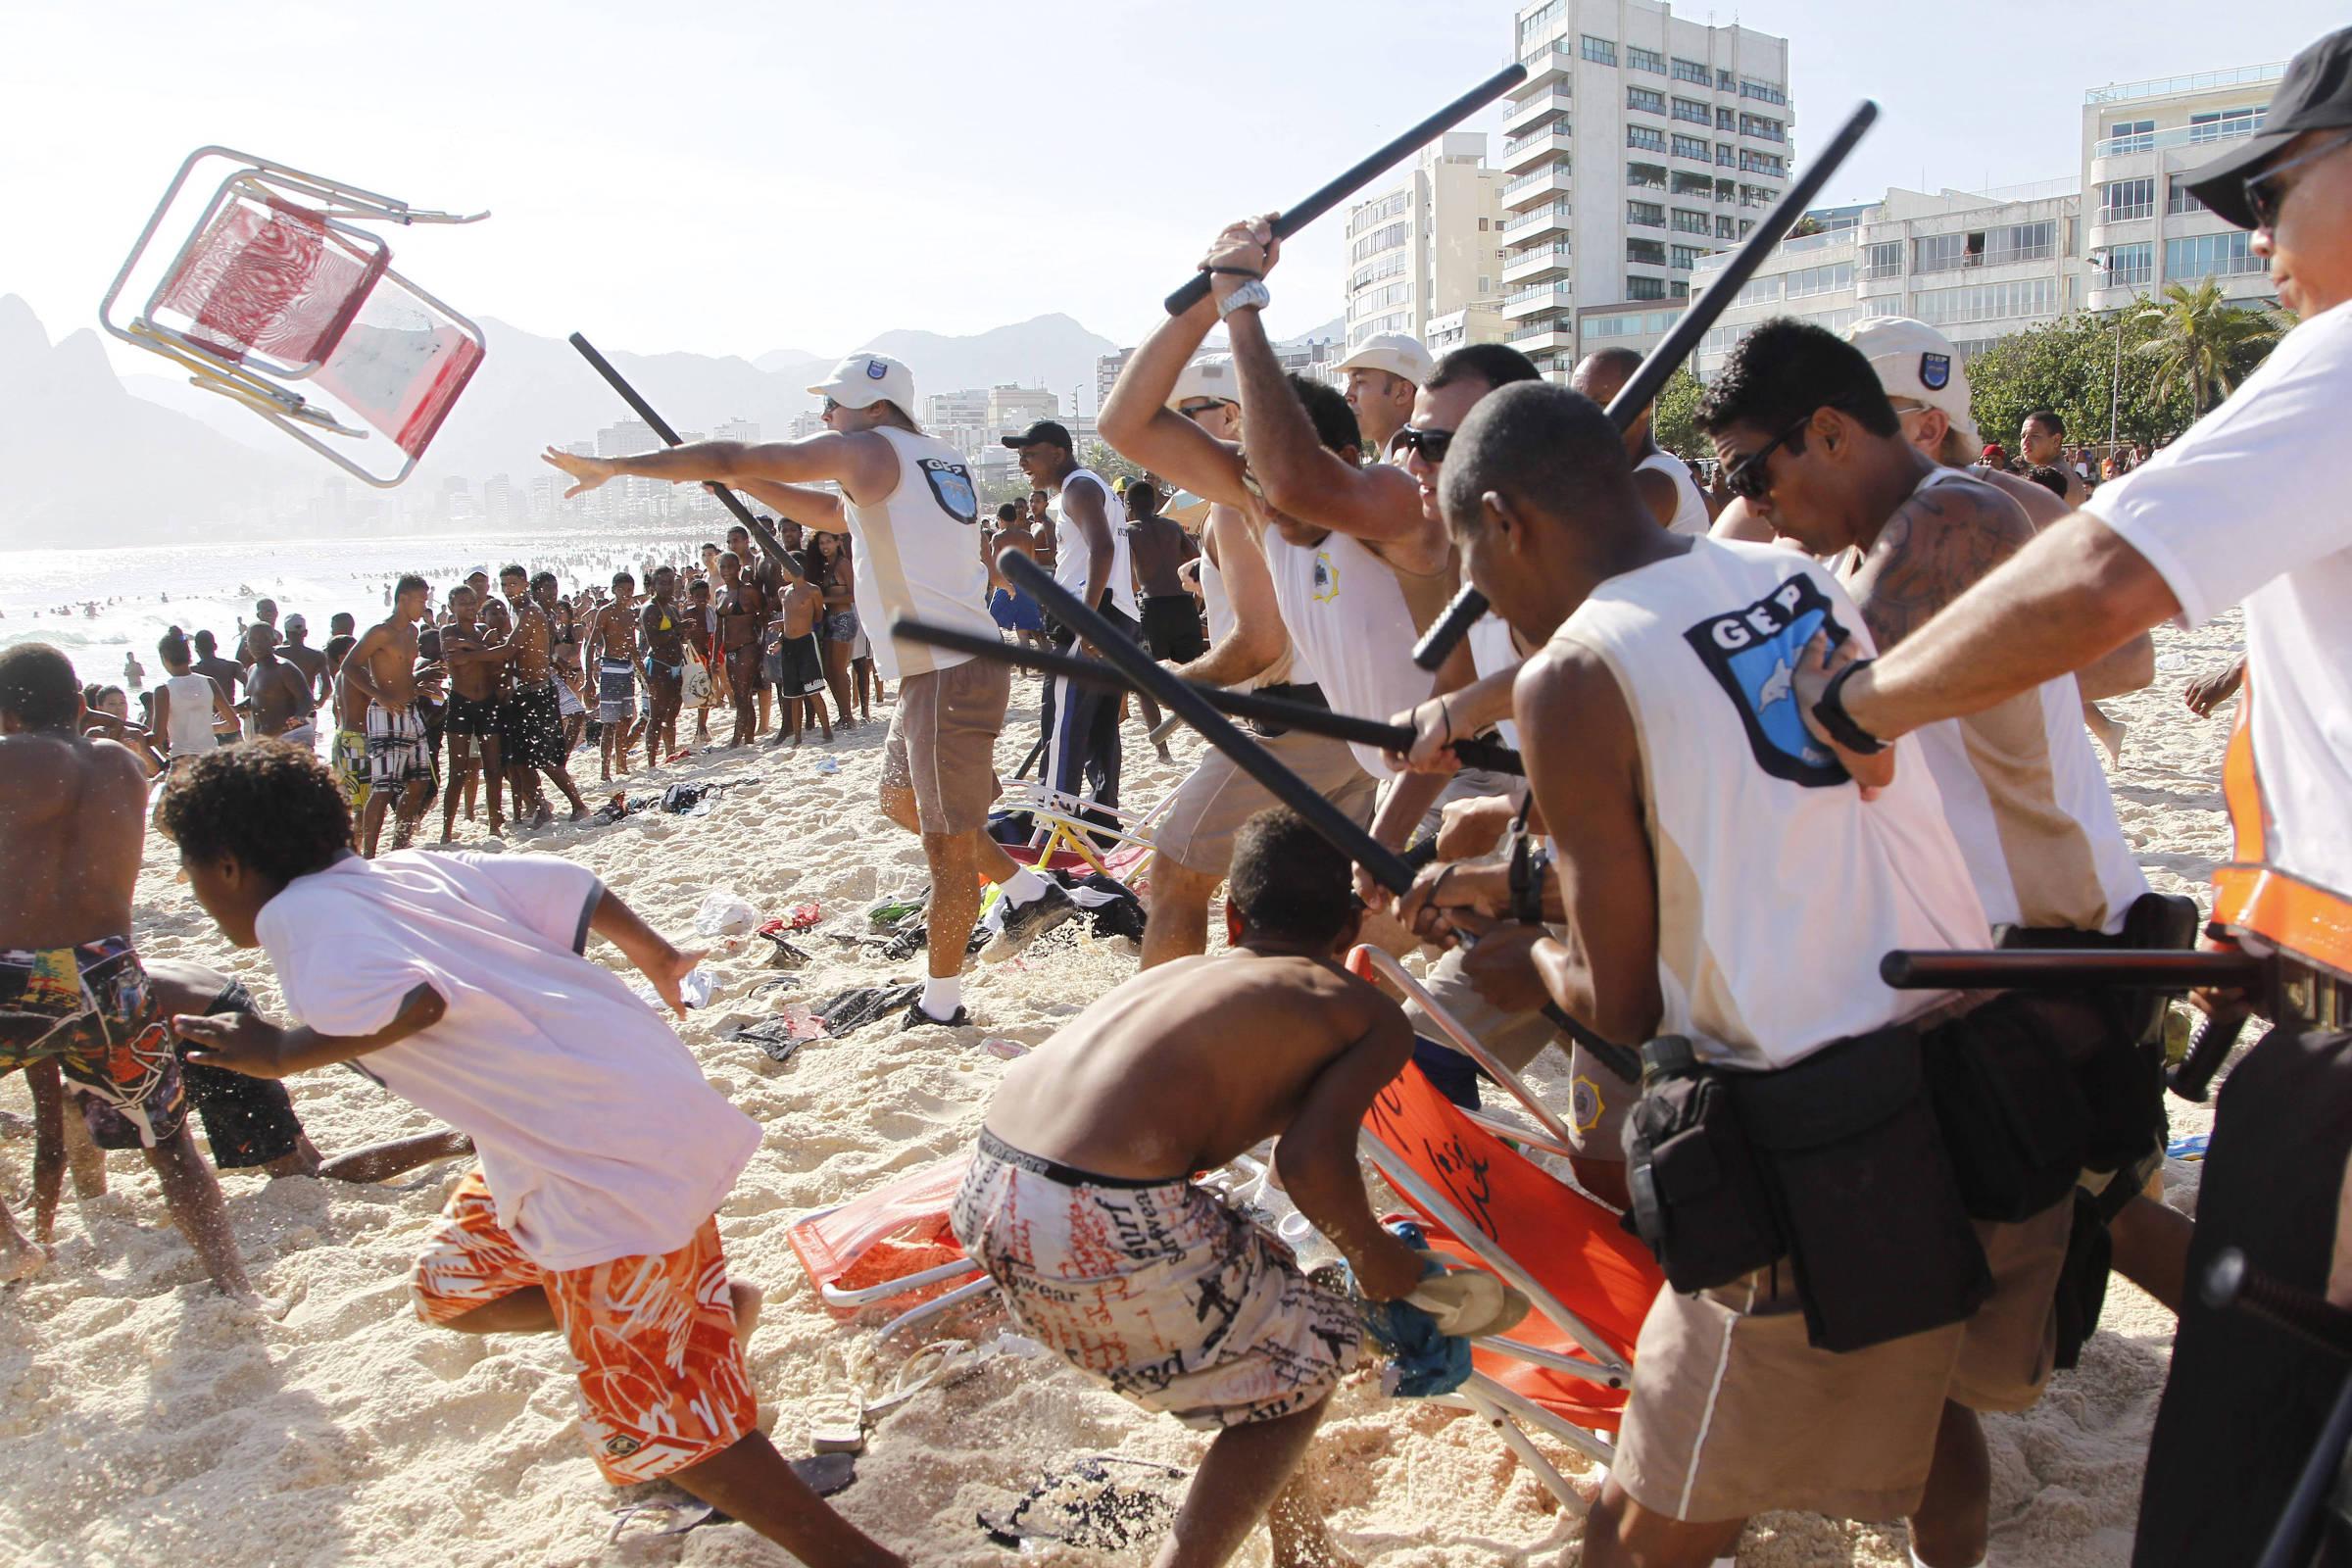 Guardas municipais do Rio entram em confronto com suspeitos de arrastão, na praia de Ipanema, em novembro de 2013 - Marcelo Carnaval - 20.nov.2013/Folhapress